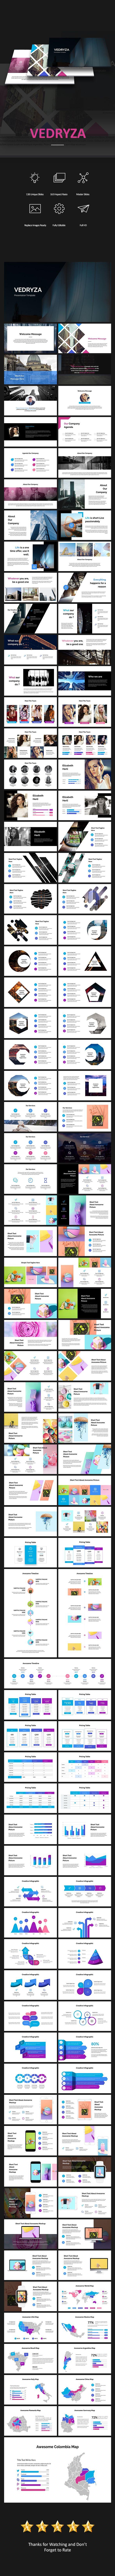 30 best Google Slide Templates & Designs images on Pinterest ...